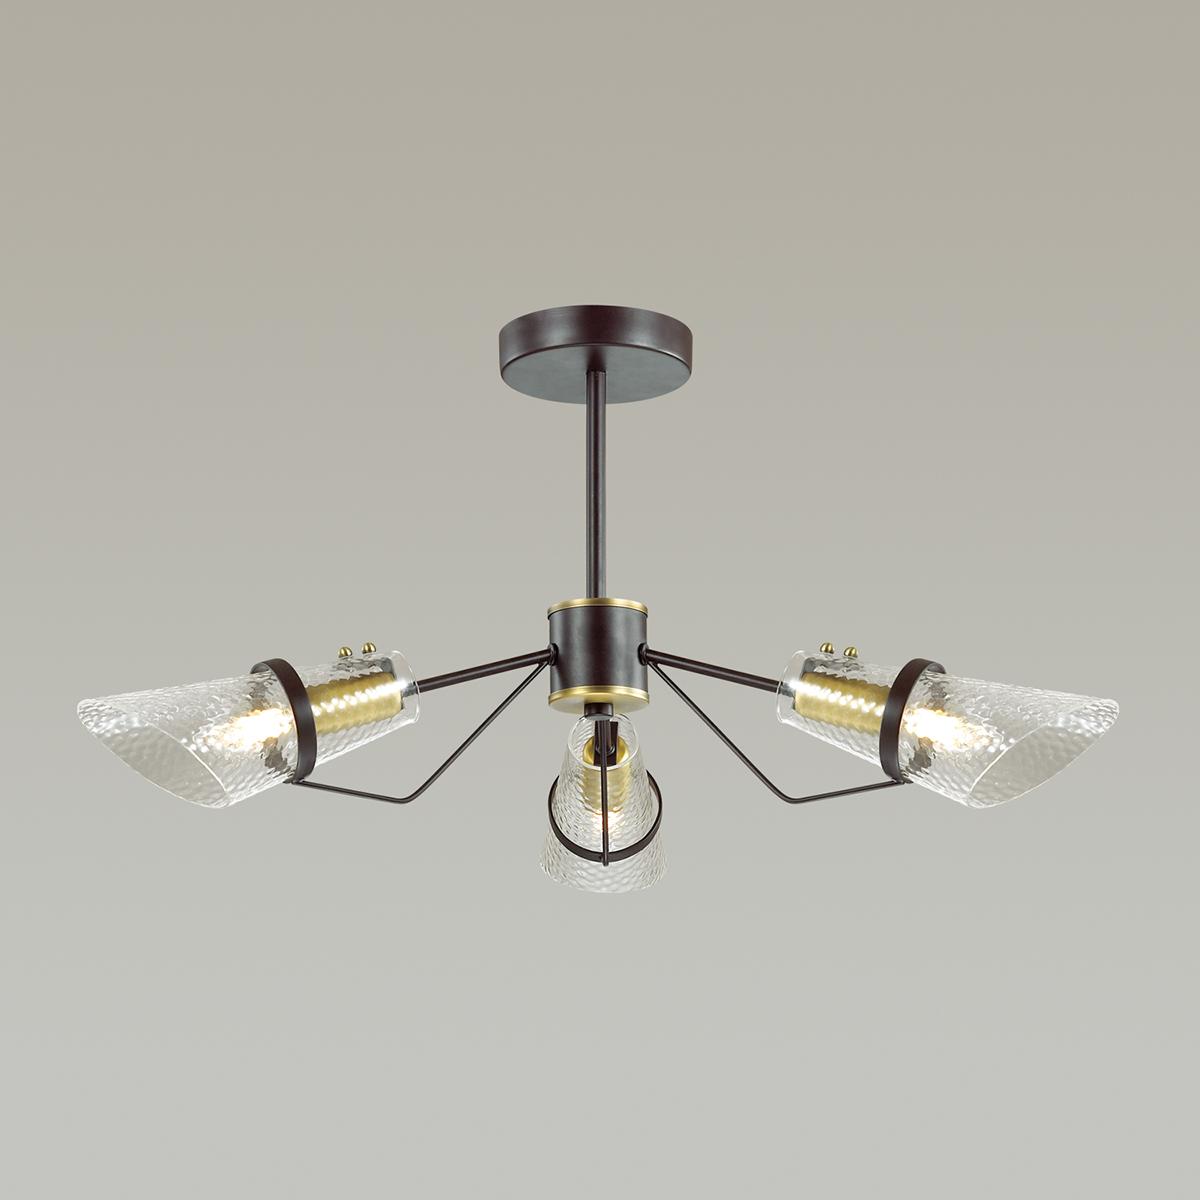 Потолочная люстра Lumion Morgana 4404/3C, коричневый, прозрачный, металл, стекло - фото 3